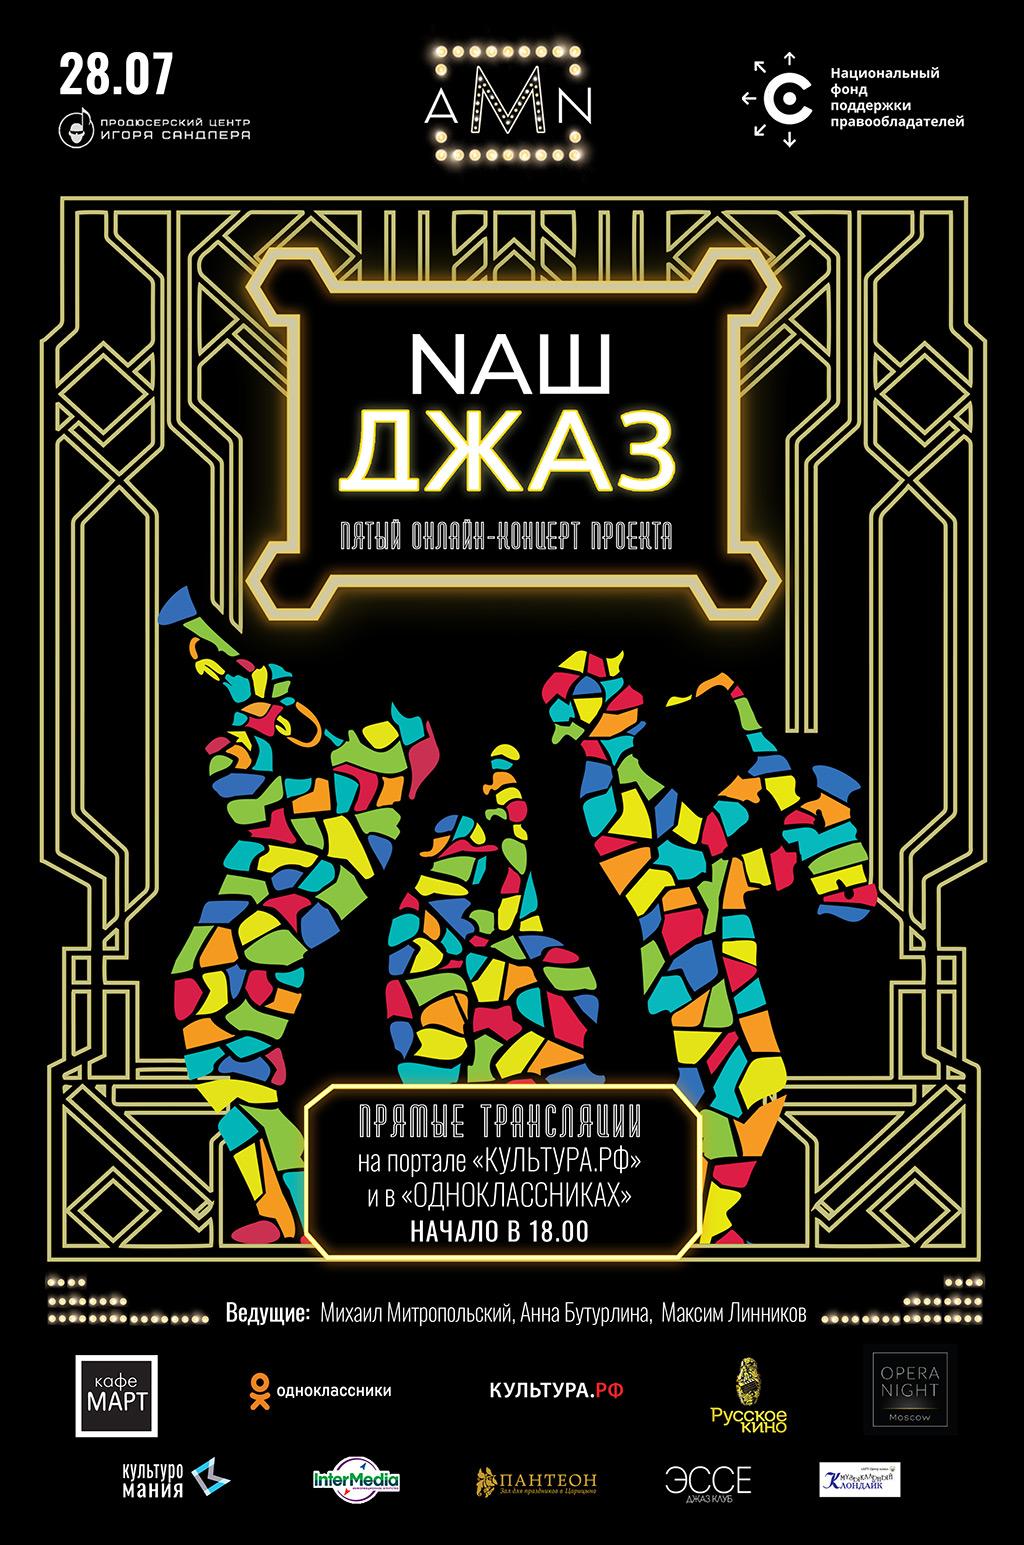 Павел Карманов, Йосси Тавор и Валерий Гроховский выберут полуфиналиста в пятом, заключительном отборочном туре «Arena Moscow Night. Наш джаз»